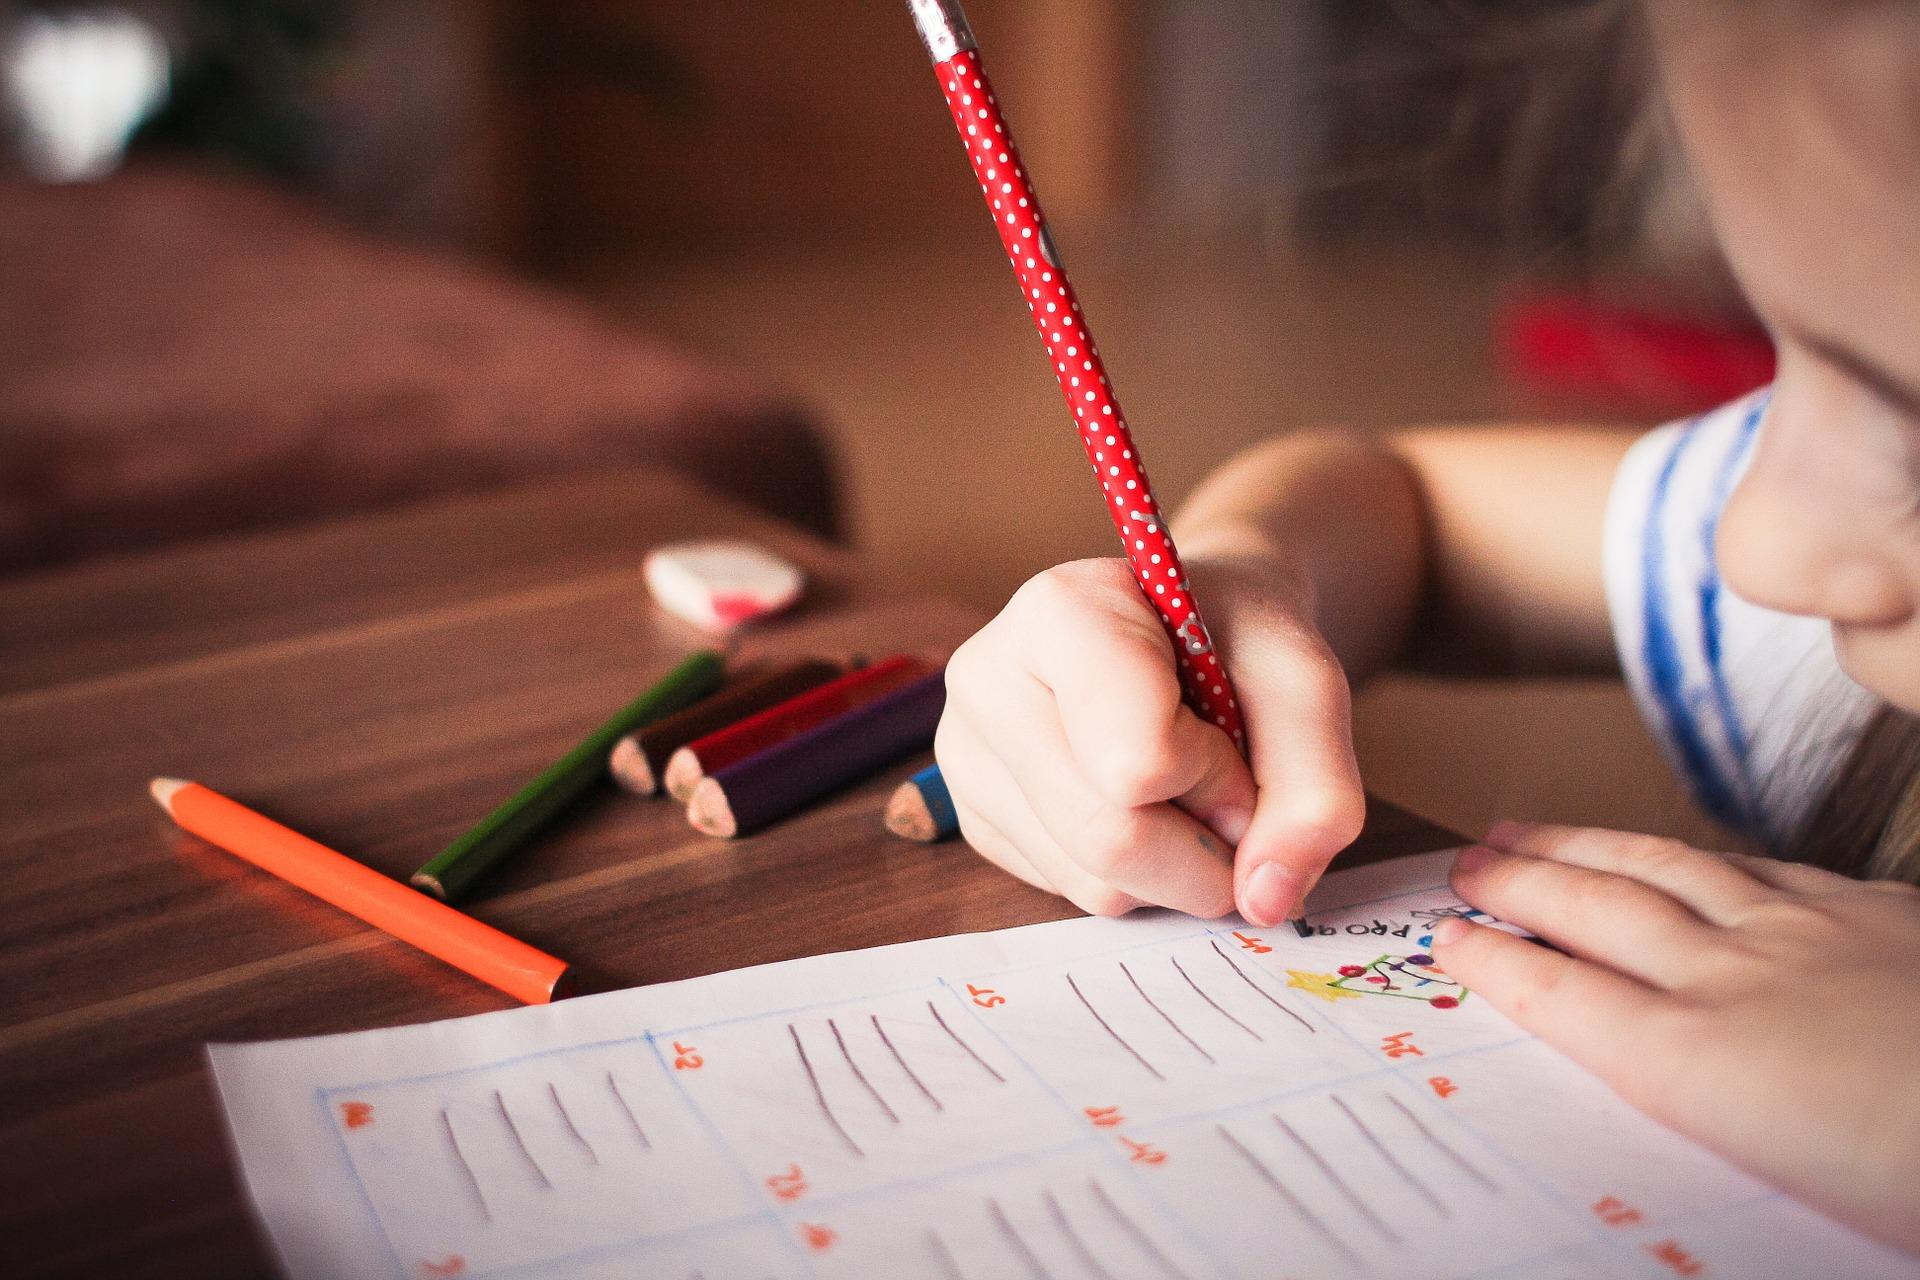 Per què és important la forma de subjectar el llapis a l'escriure?